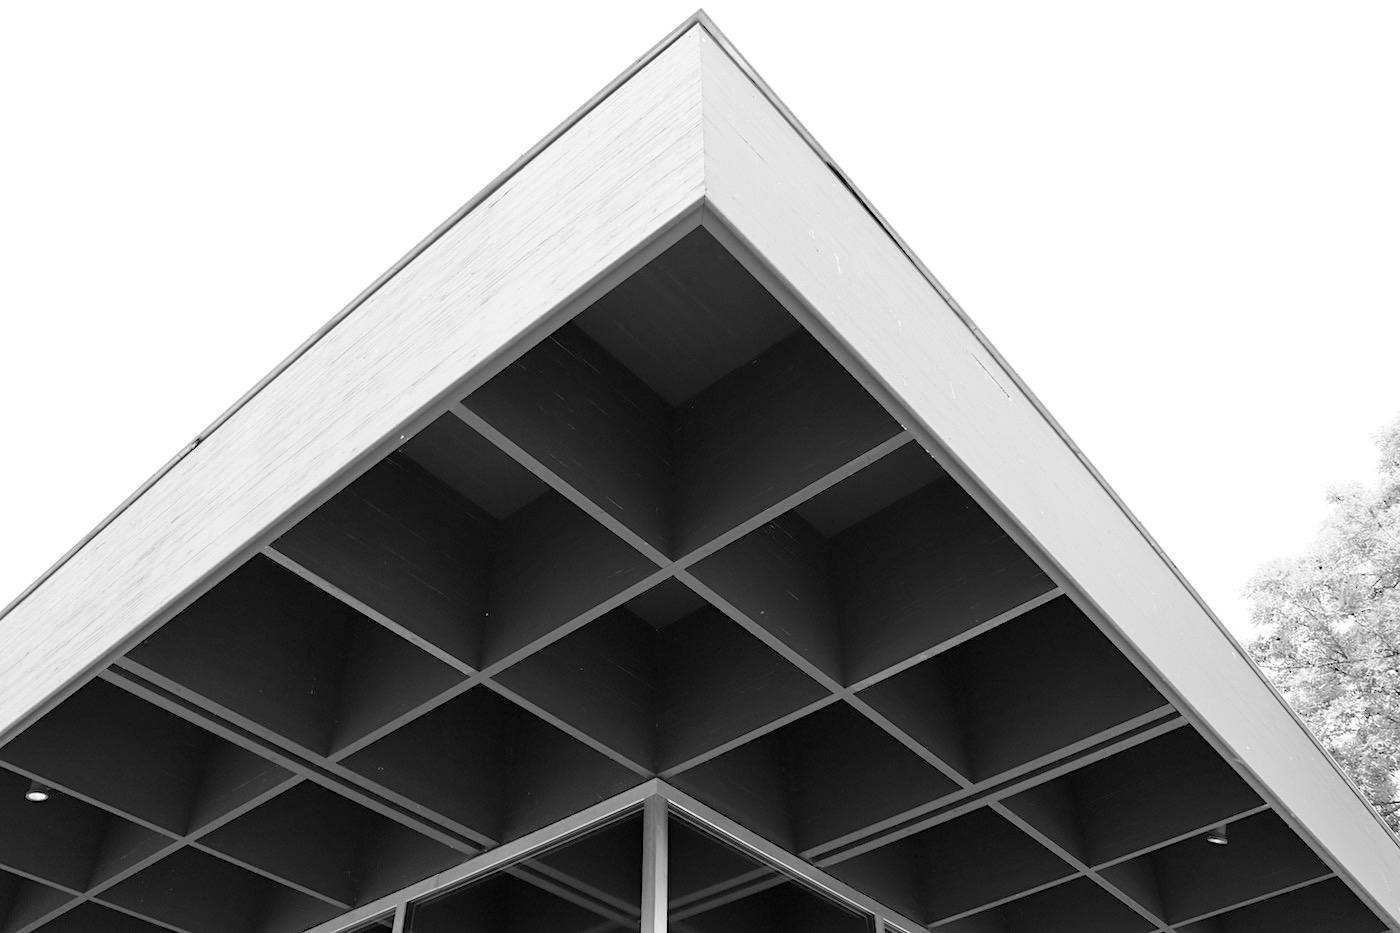 Werkraum Bregenzerwald. Von Atelier Peter Zumthor und Partner, Haldenstein. Fertigstellung 2013.